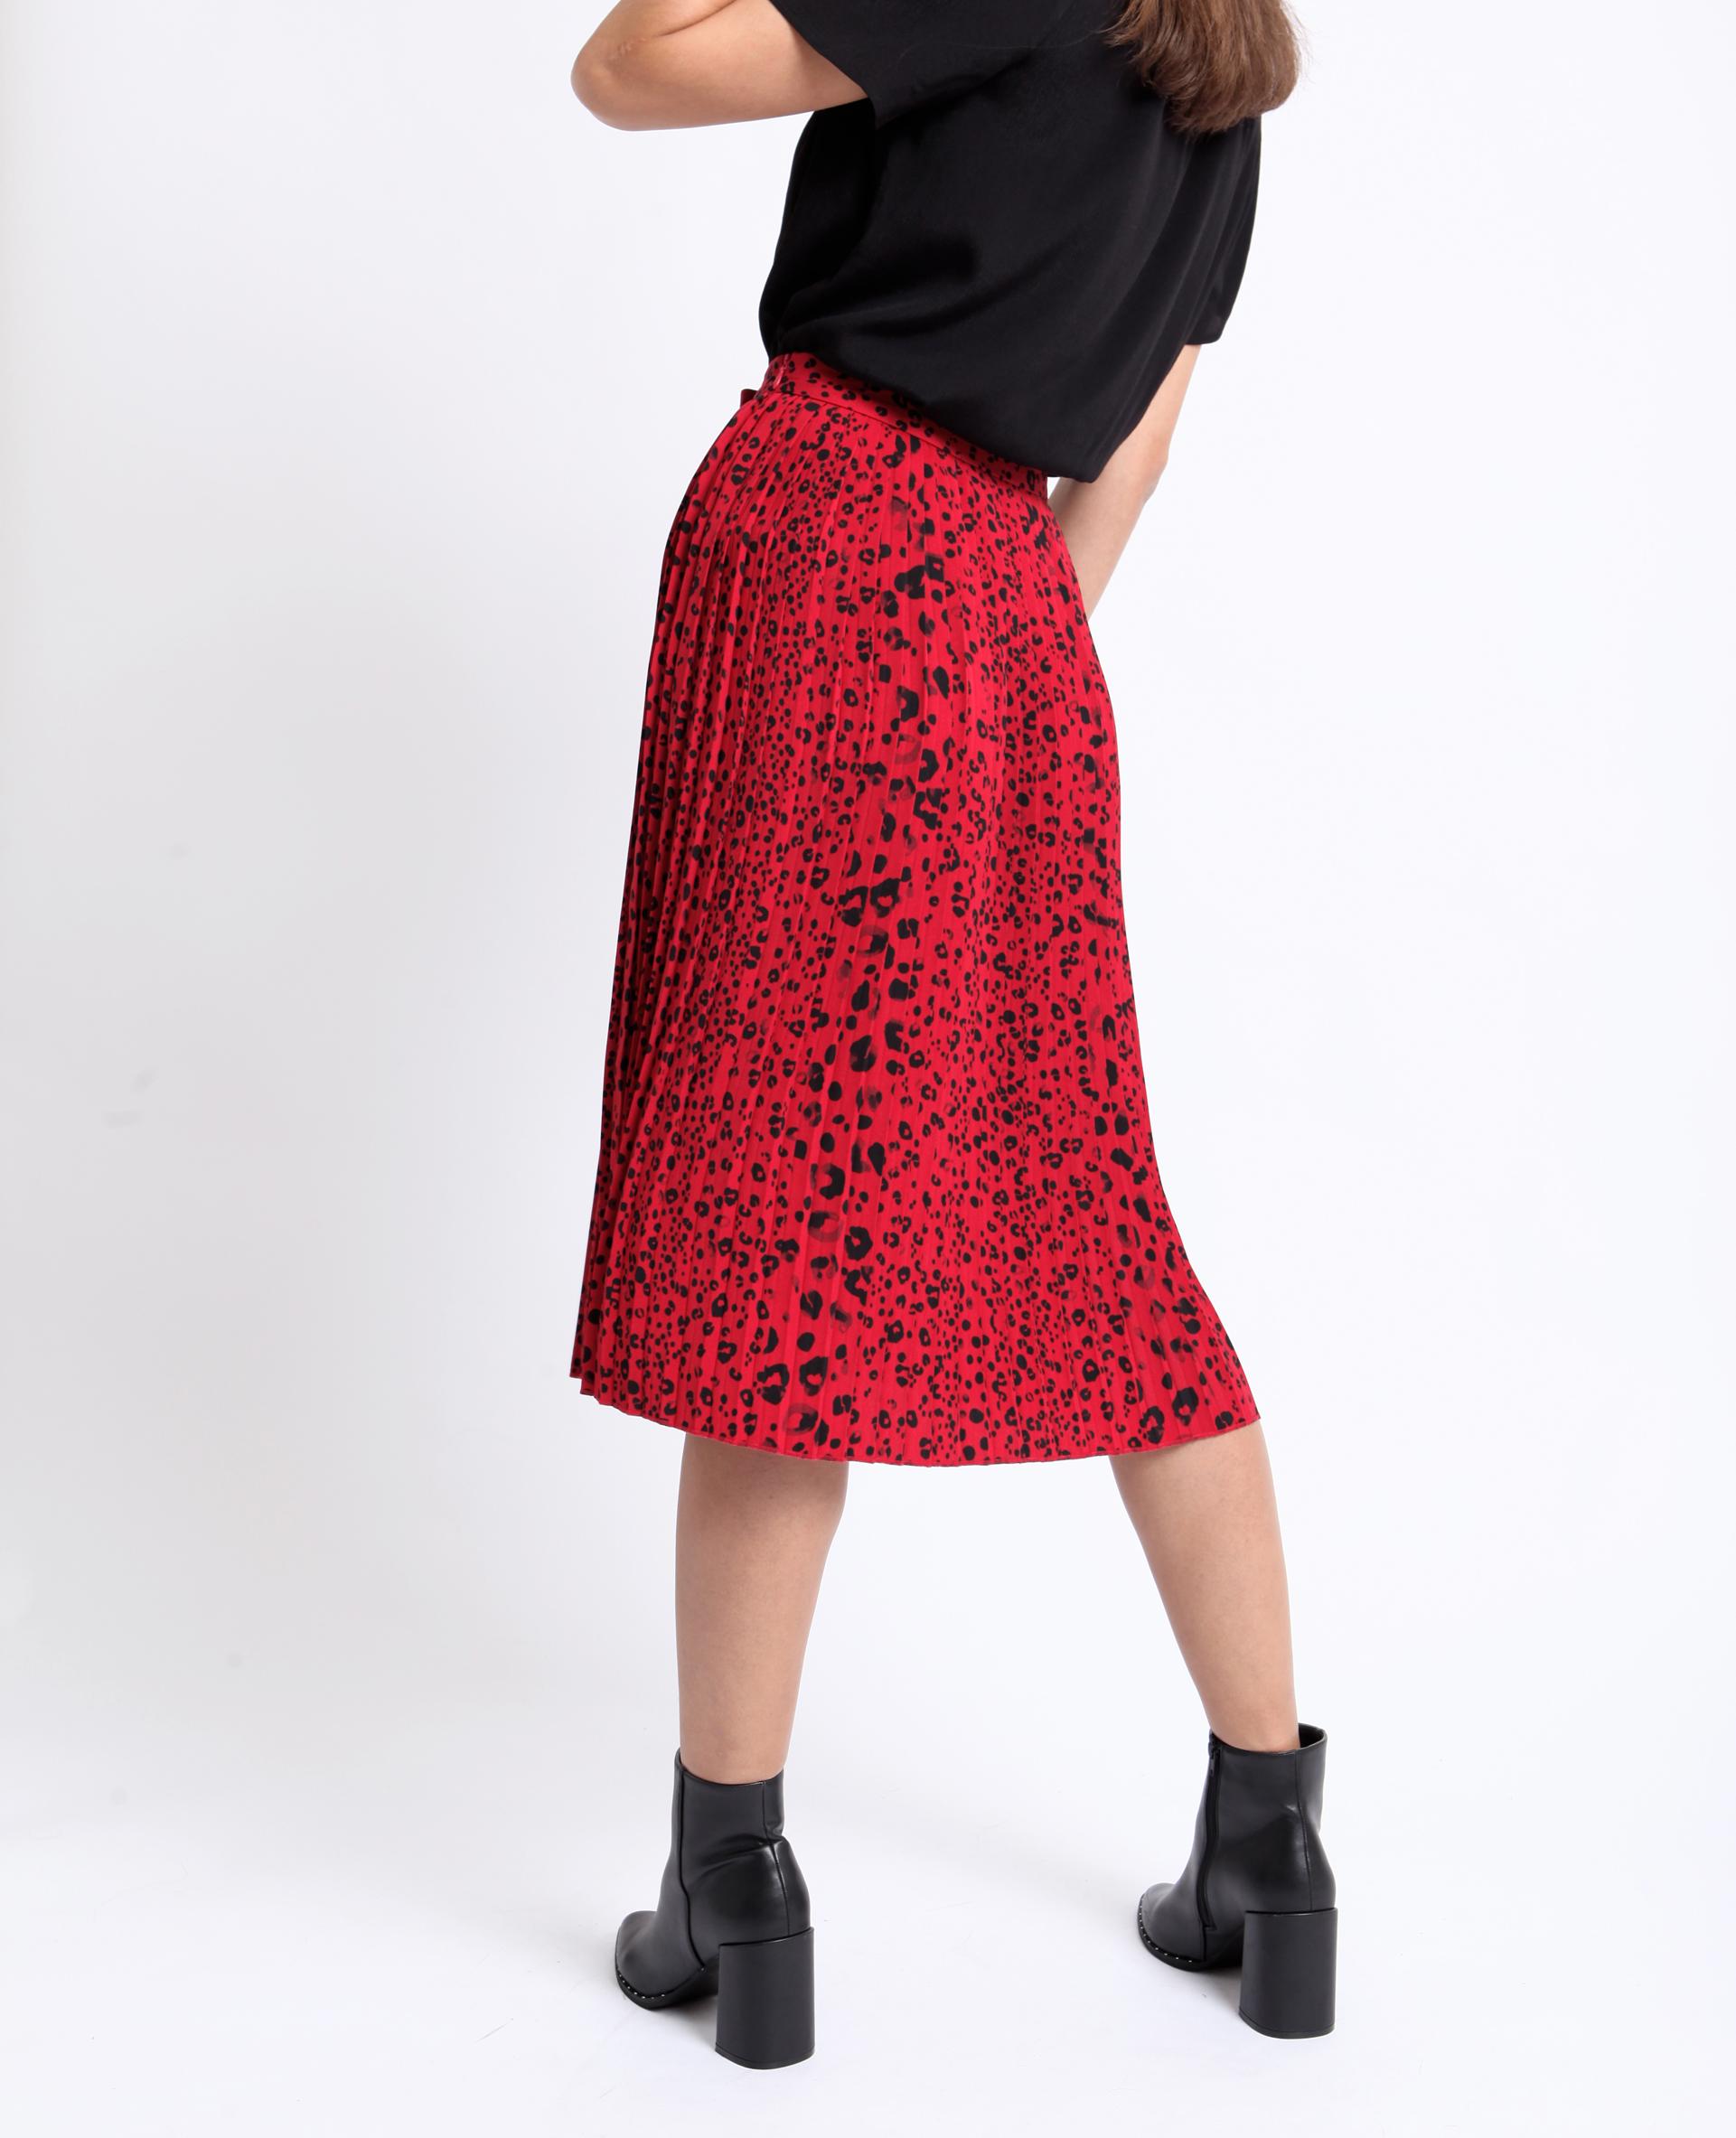 Jupe plissée léopard rouge - Pimkie